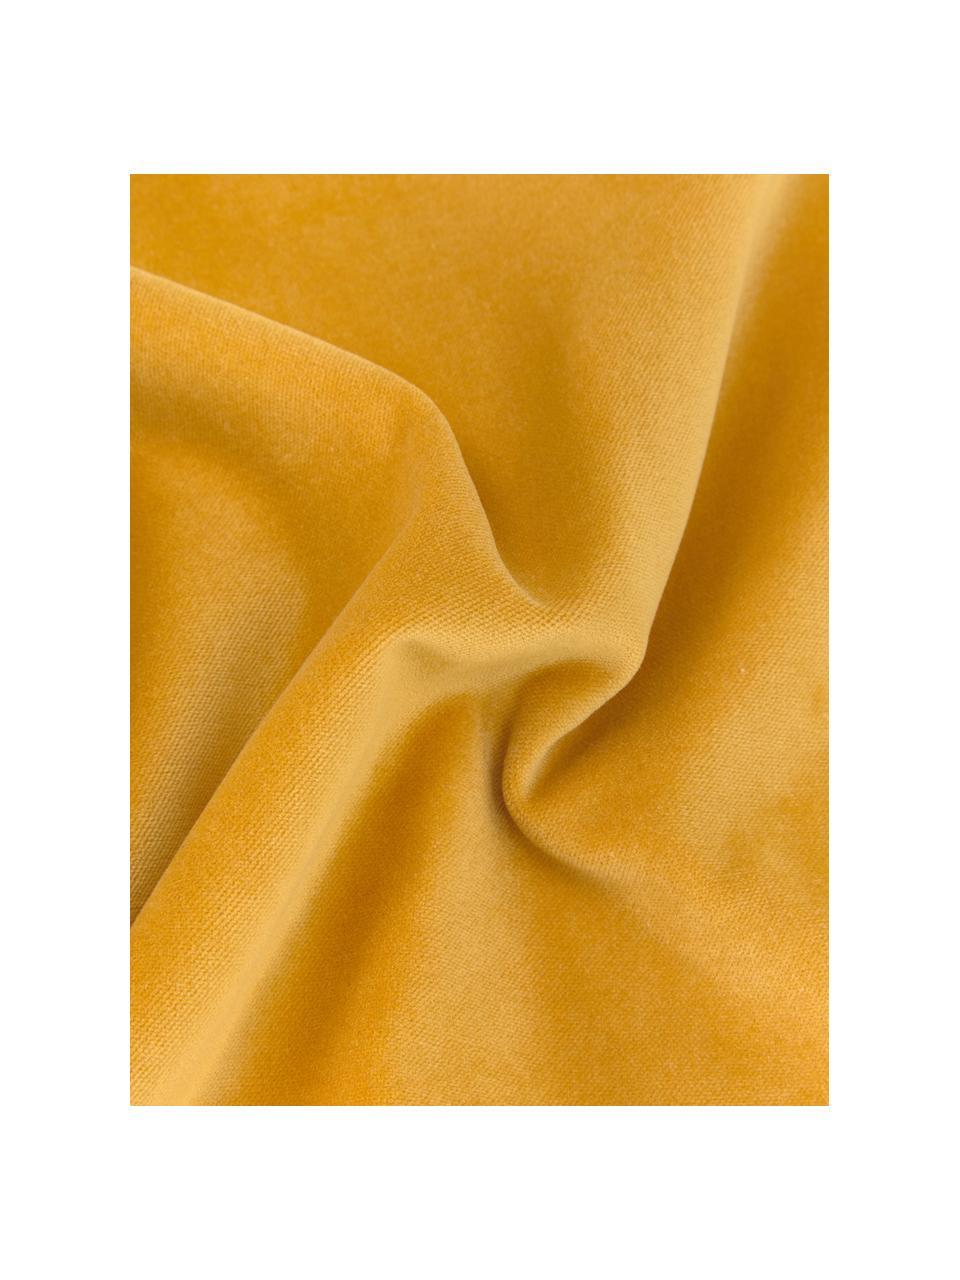 Einfarbige Samt-Kissenhülle Dana in Ockergelb, 100% Baumwollsamt, Ockergelb, 30 x 50 cm